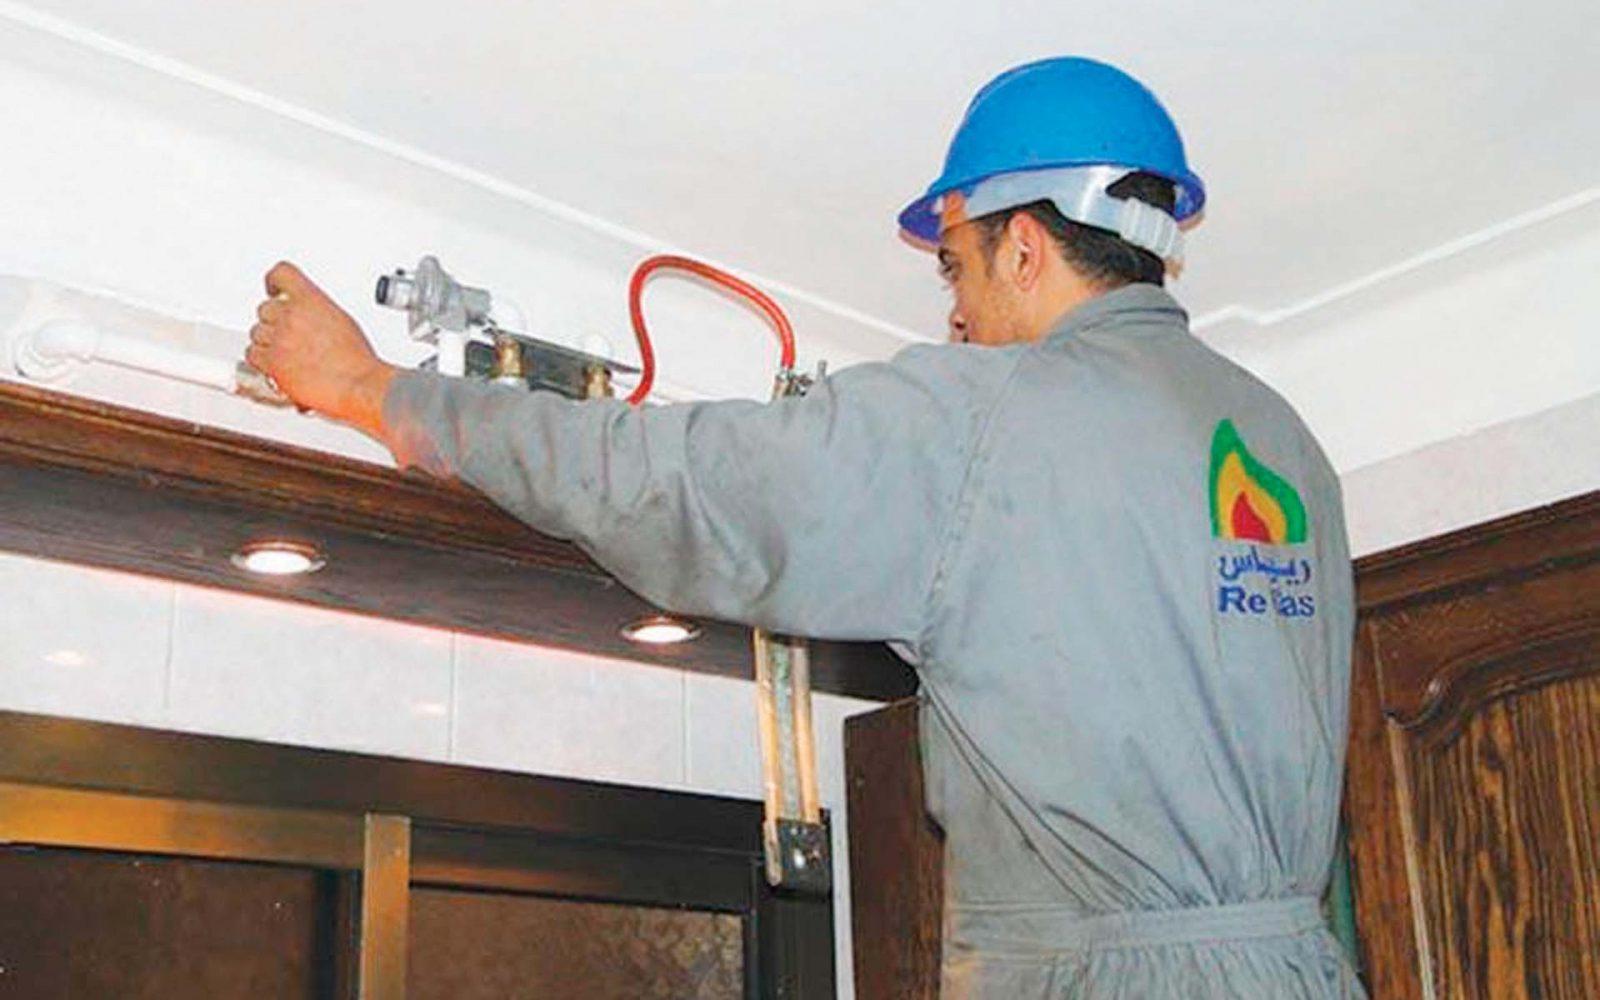 عامل يقوم بتوصيل الغاز في أحد المنازل المصرية